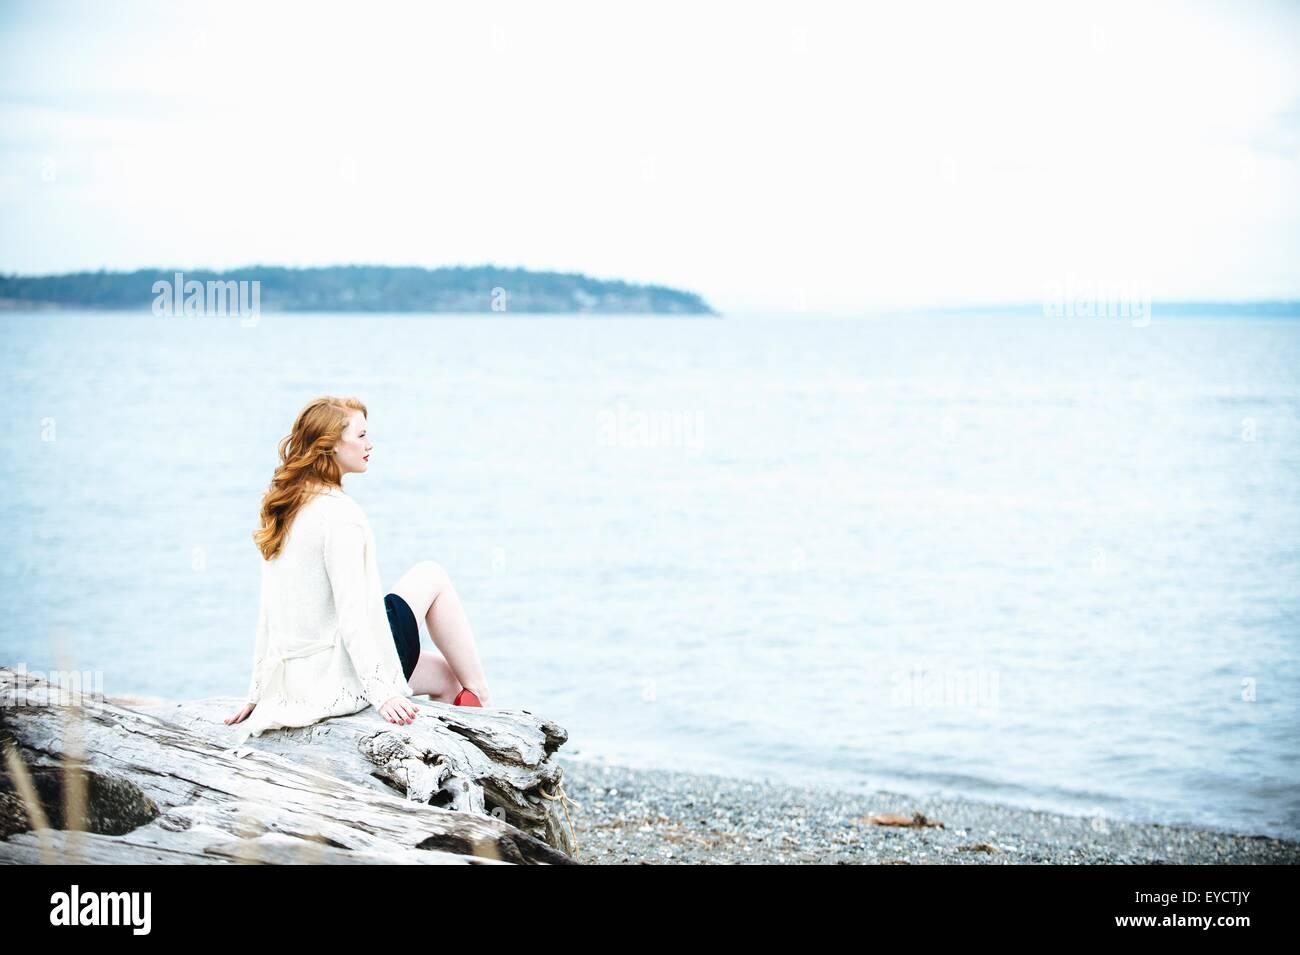 Mujer joven sentado en la playa mirando al mar, Bainbridge Island, estado de Washington, EE.UU. Imagen De Stock